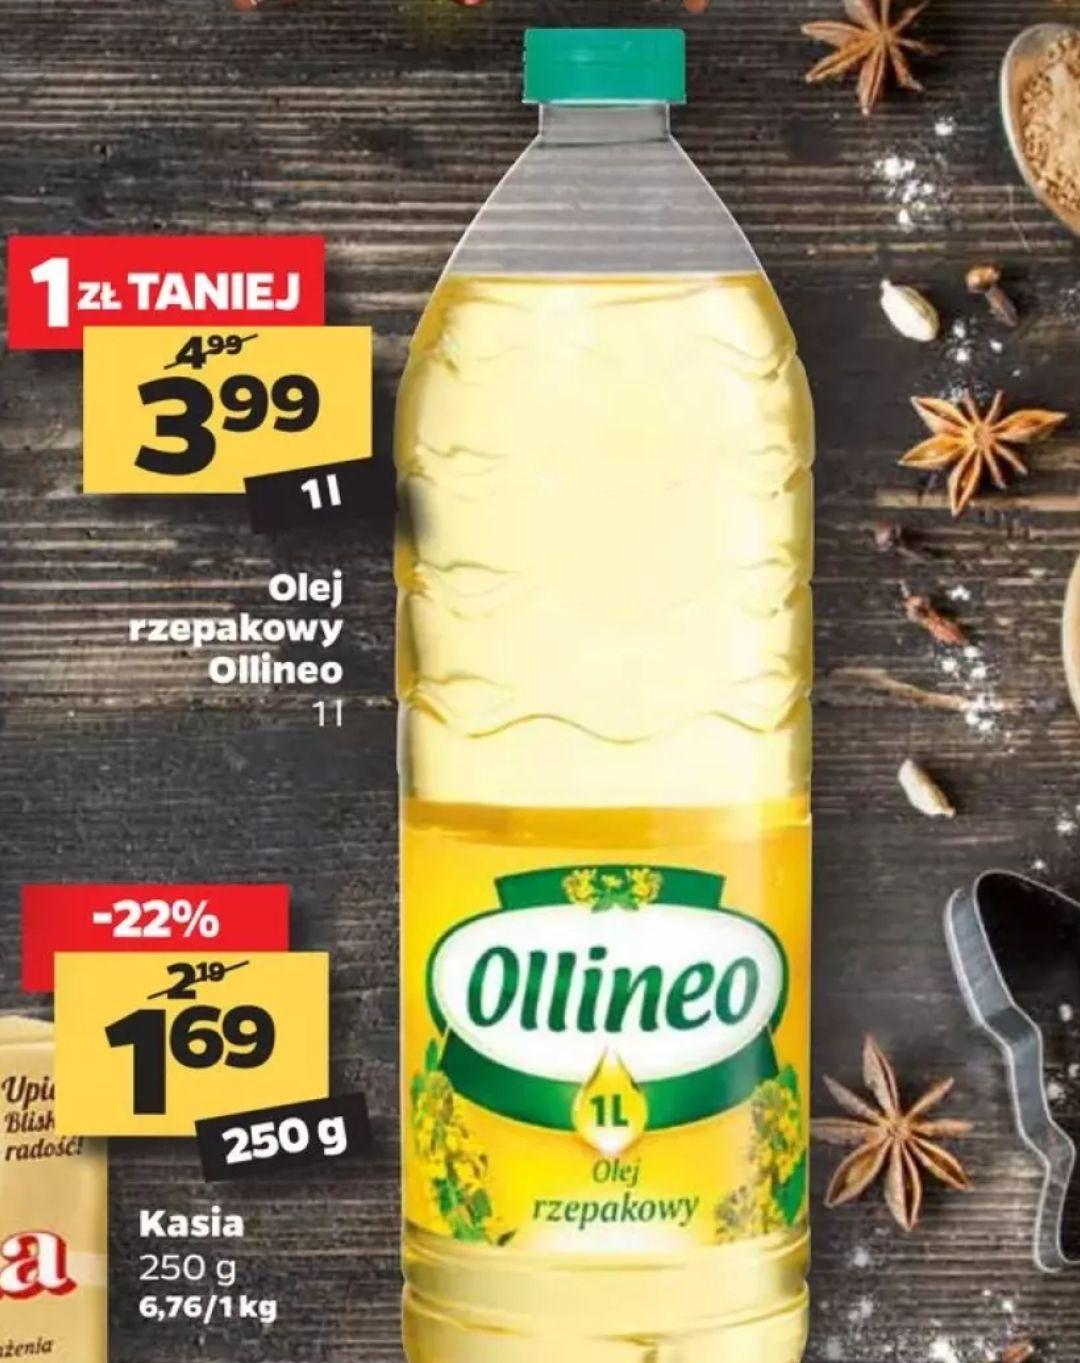 Olej rzepakowy Ollineo 1l w Netto